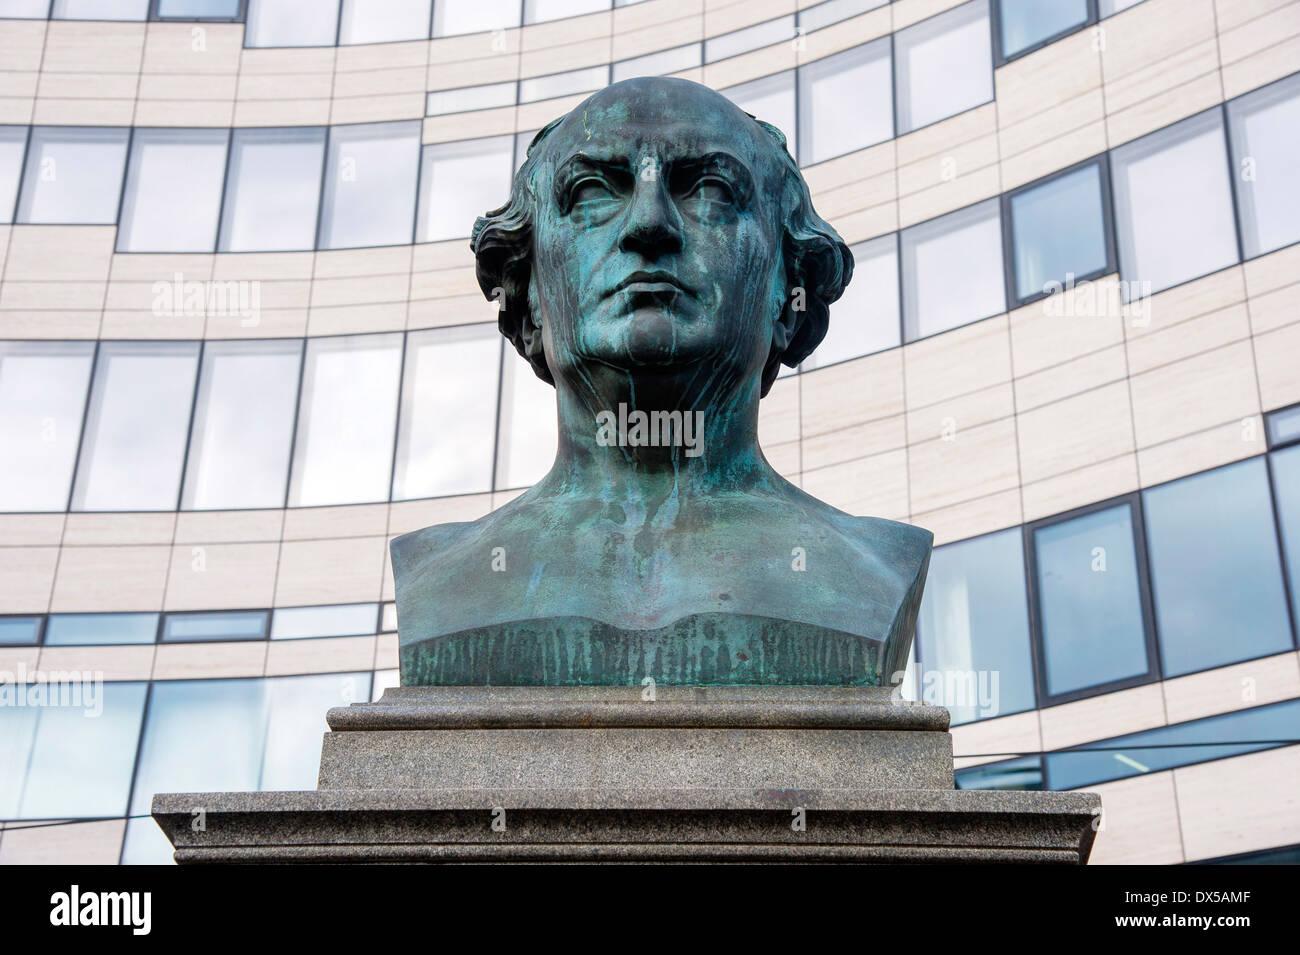 Busto de Friedrich Wilhelm von Schadow delante del edificio Liberknecht en el centro comercial 'Kö-Bogen' en Duesseldorf Foto de stock